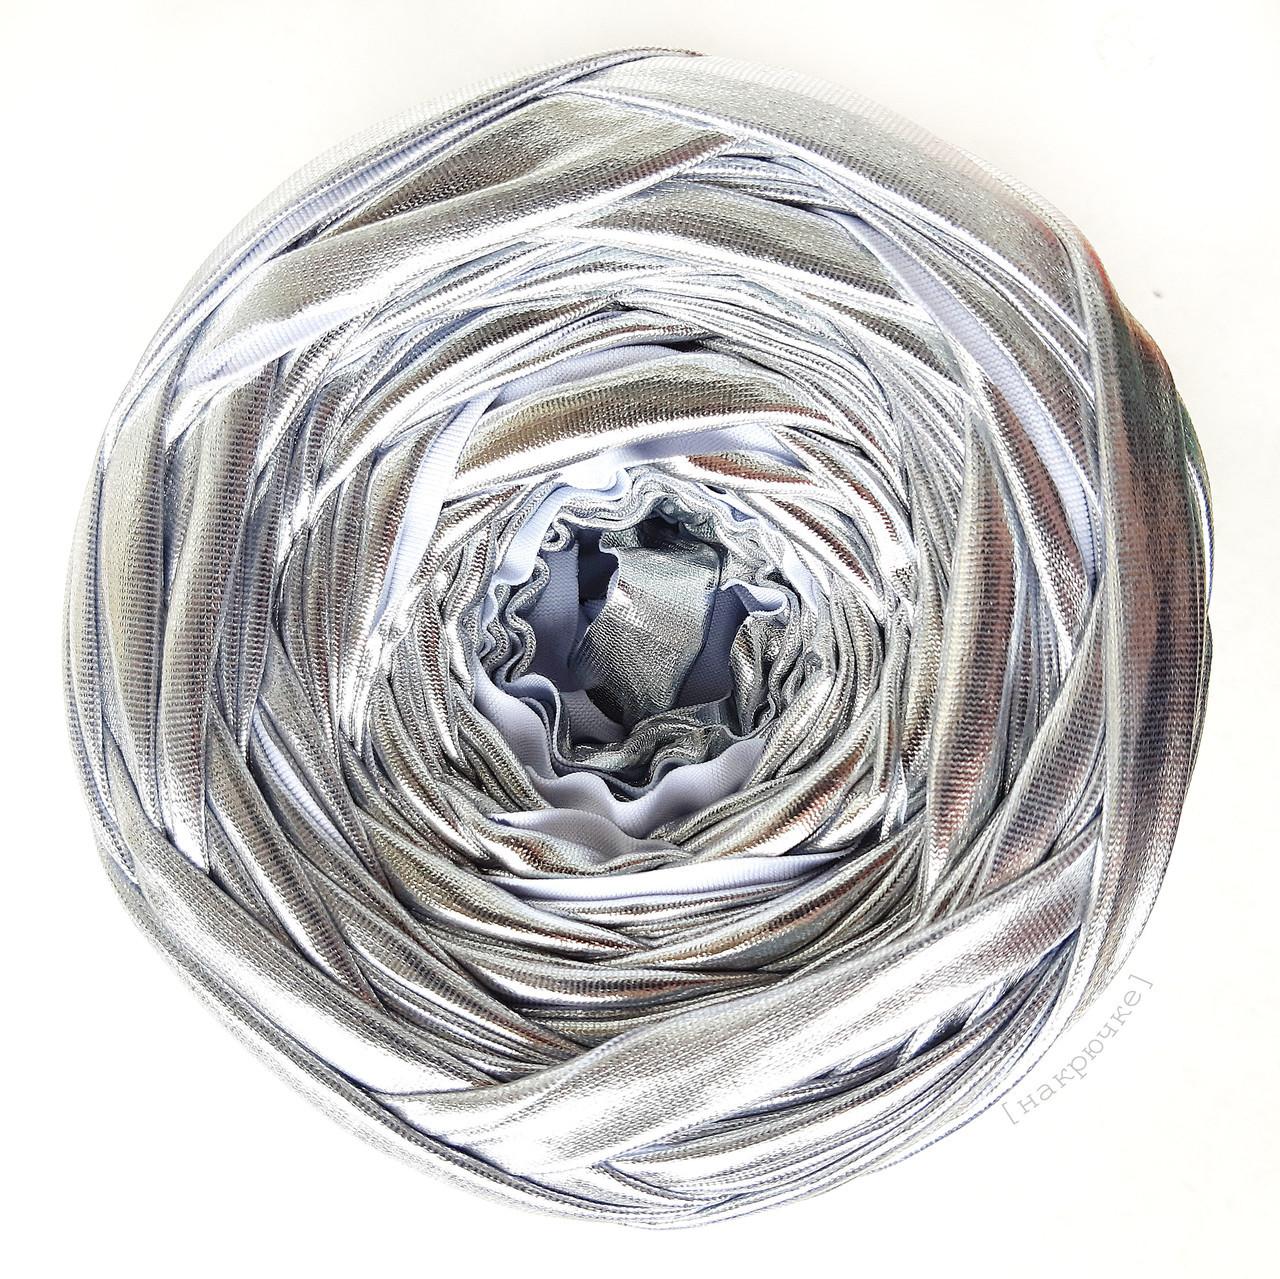 Трикотажная пряжа Belka, цвет Серебристый 7-9 мм (50 м)